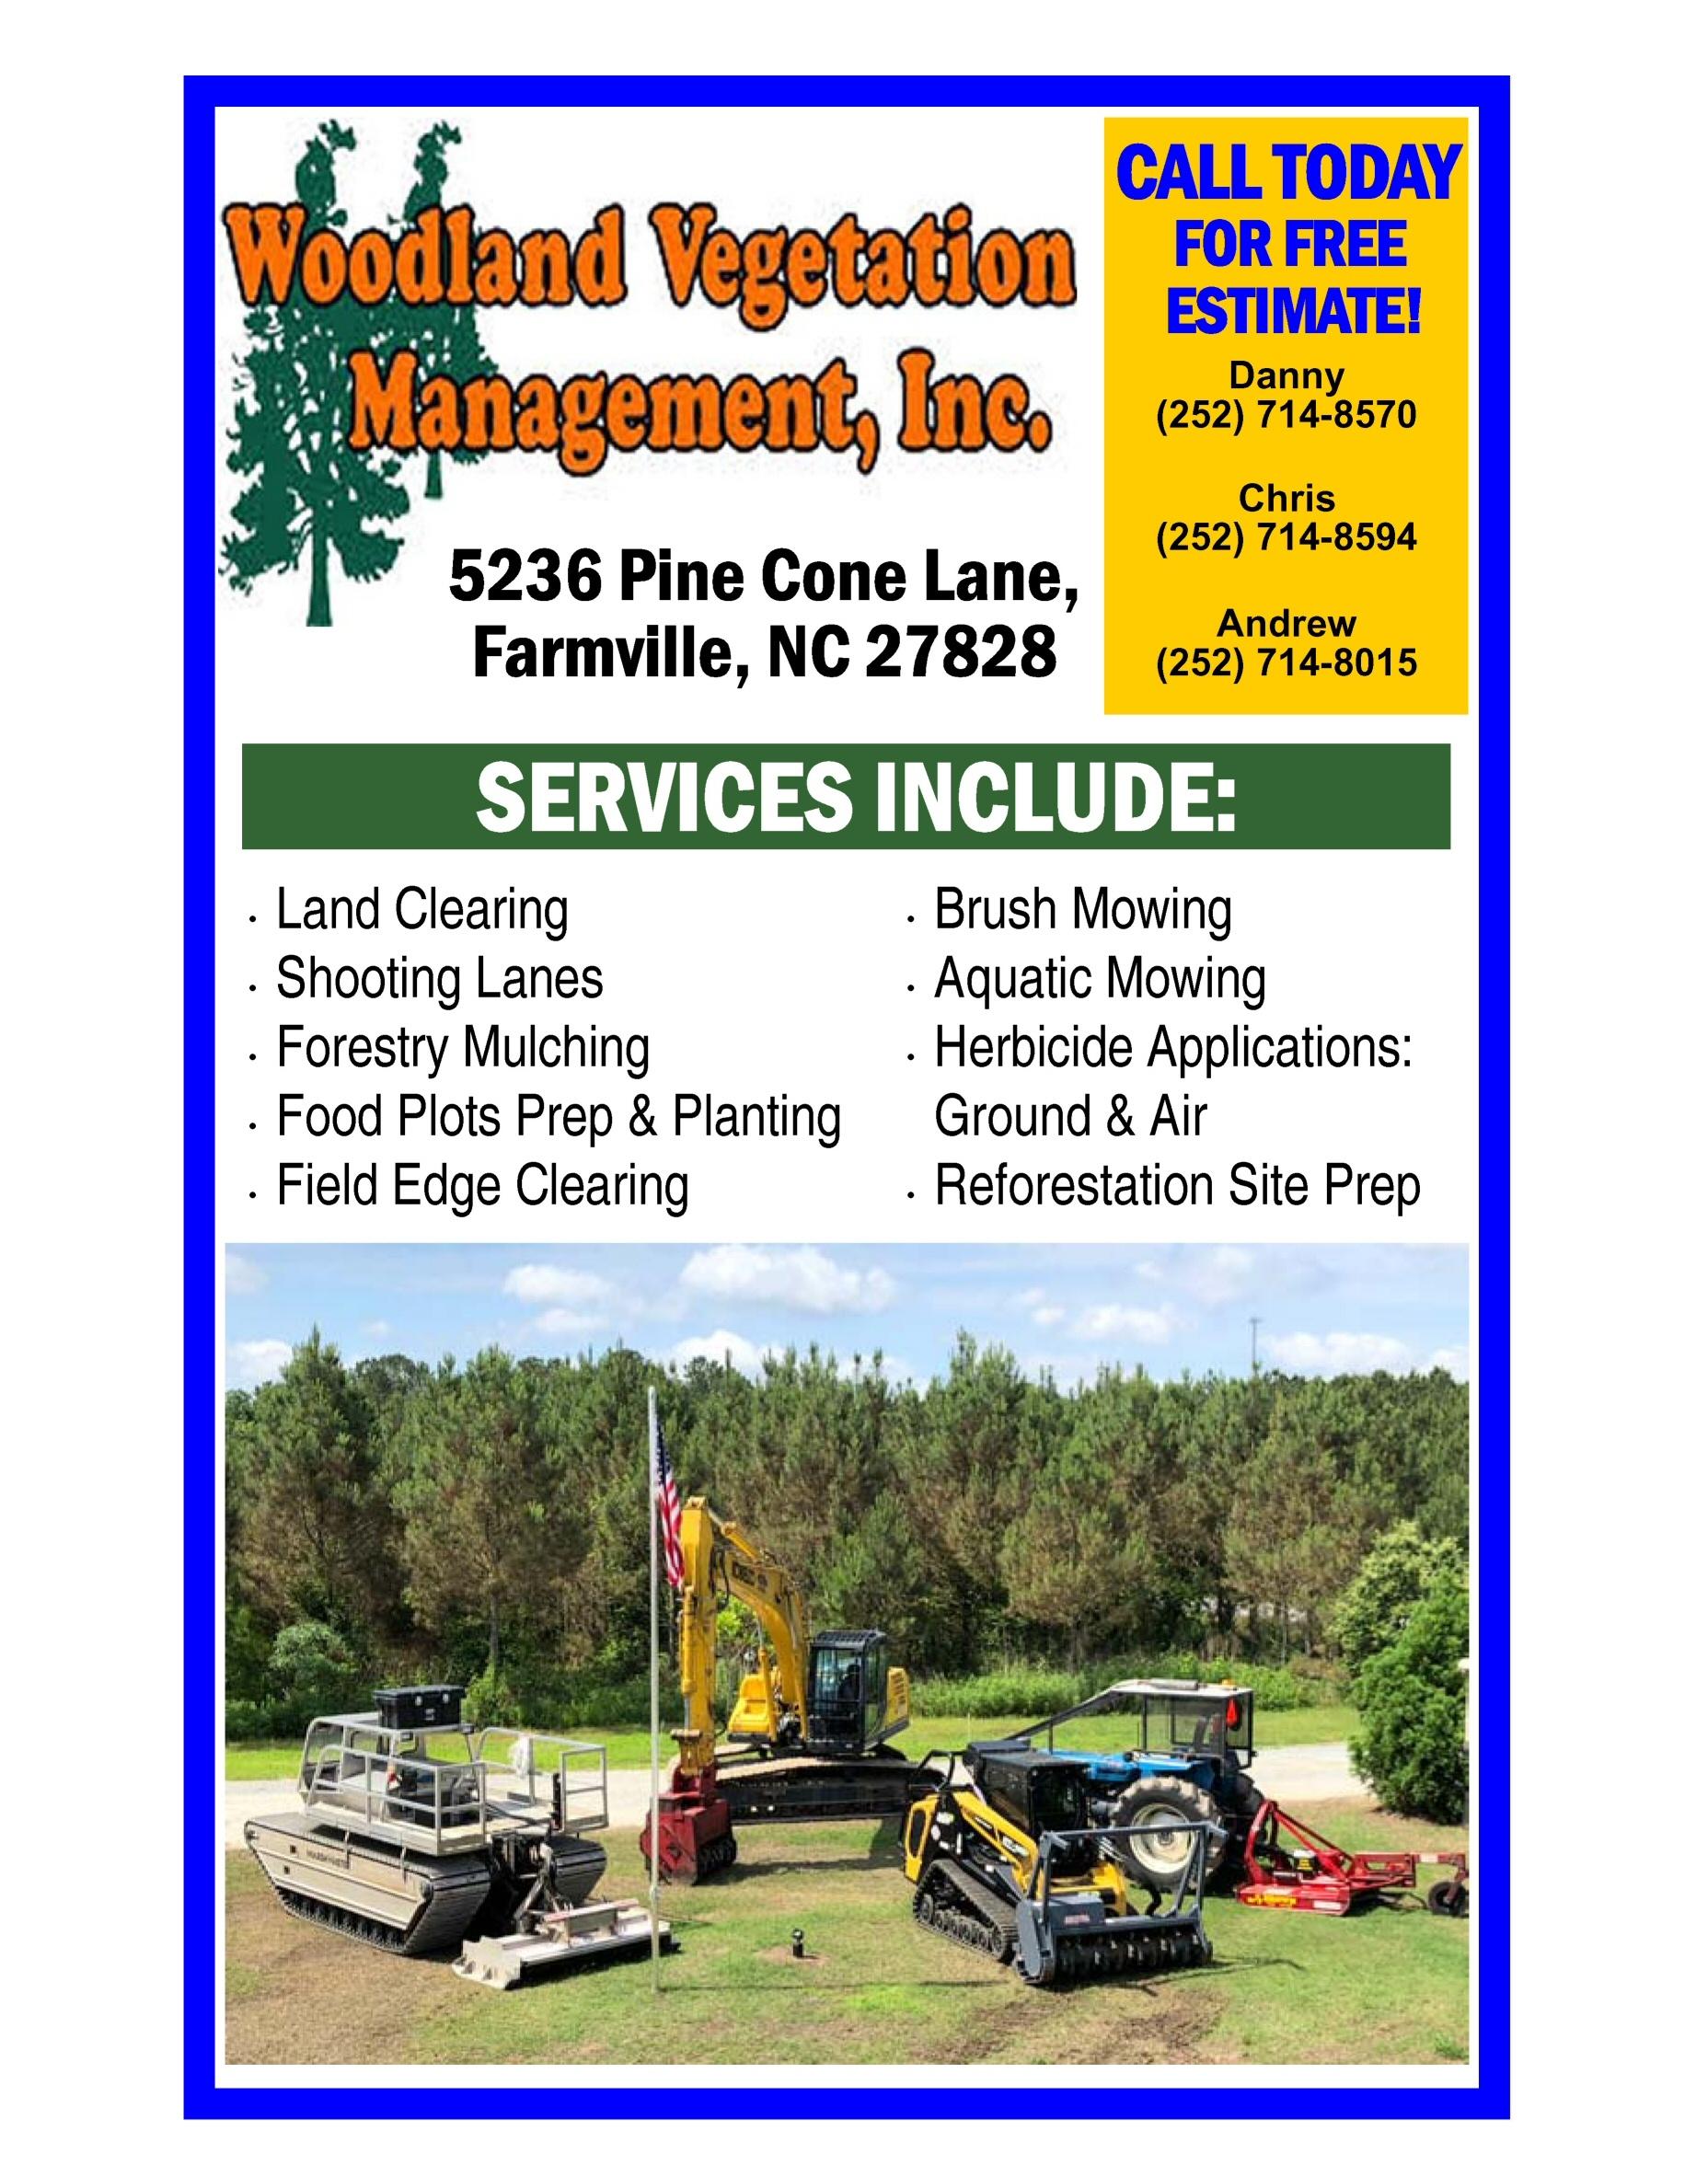 https://0201.nccdn.net/1_2/000/000/105/1cc/Woodland-Vegetation-Management-1856x2366.jpg